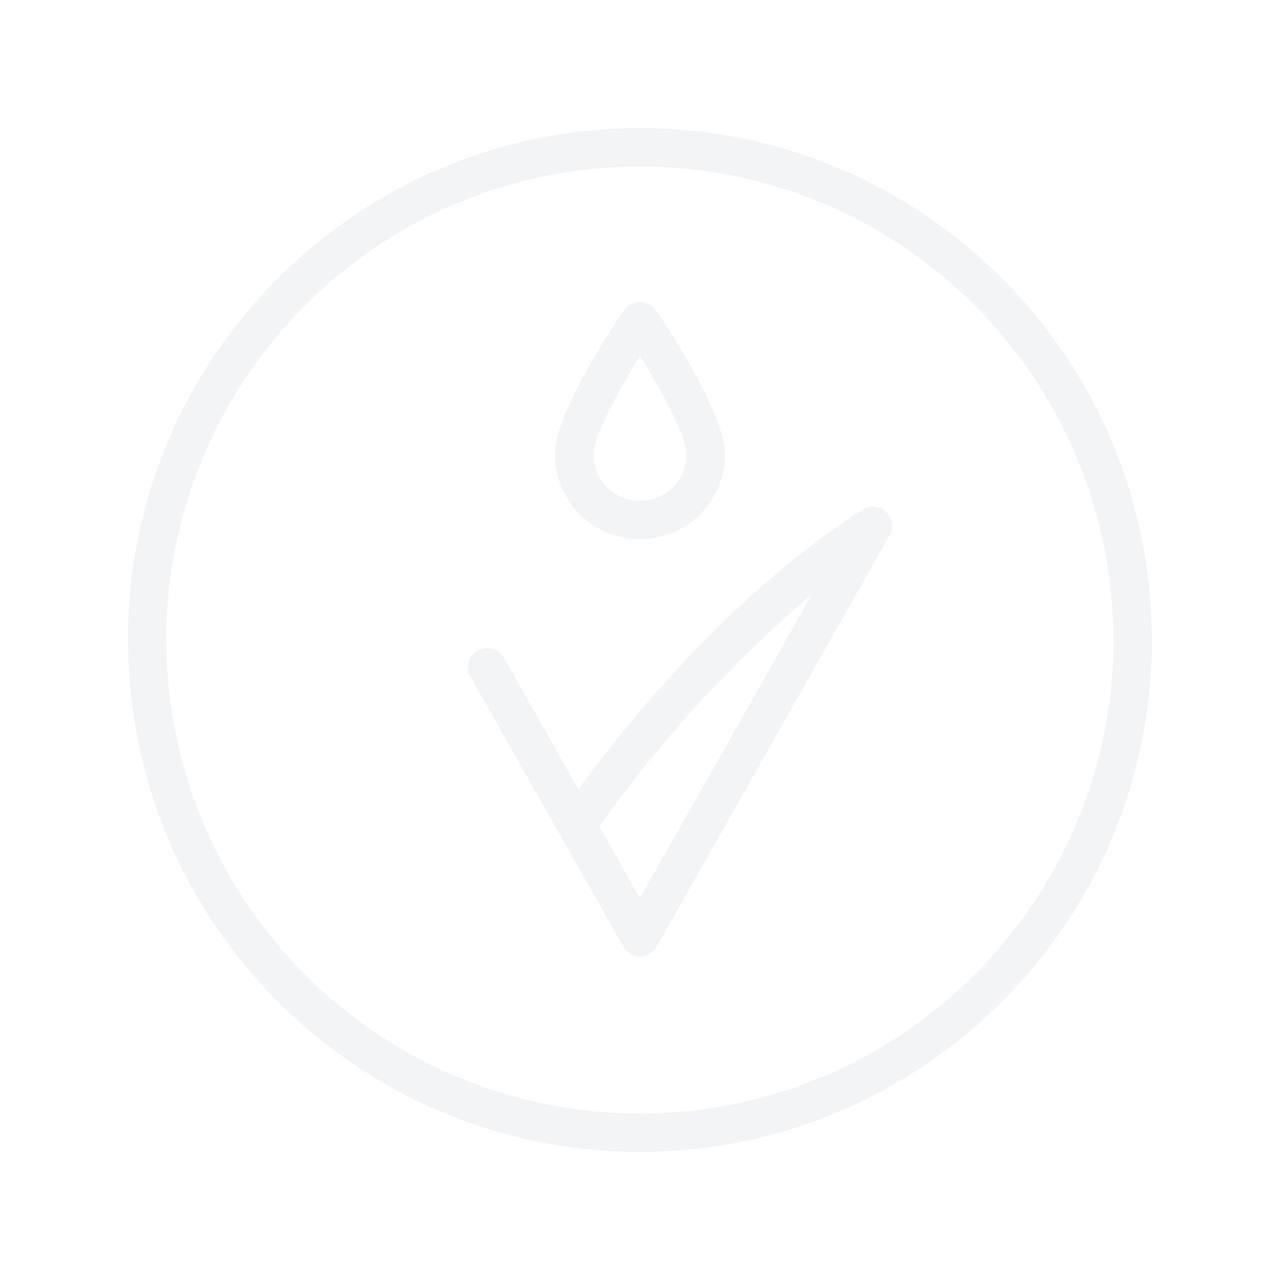 GIORGIO ARMANI Lip Magnet Liquid Lipstick 3.9ml